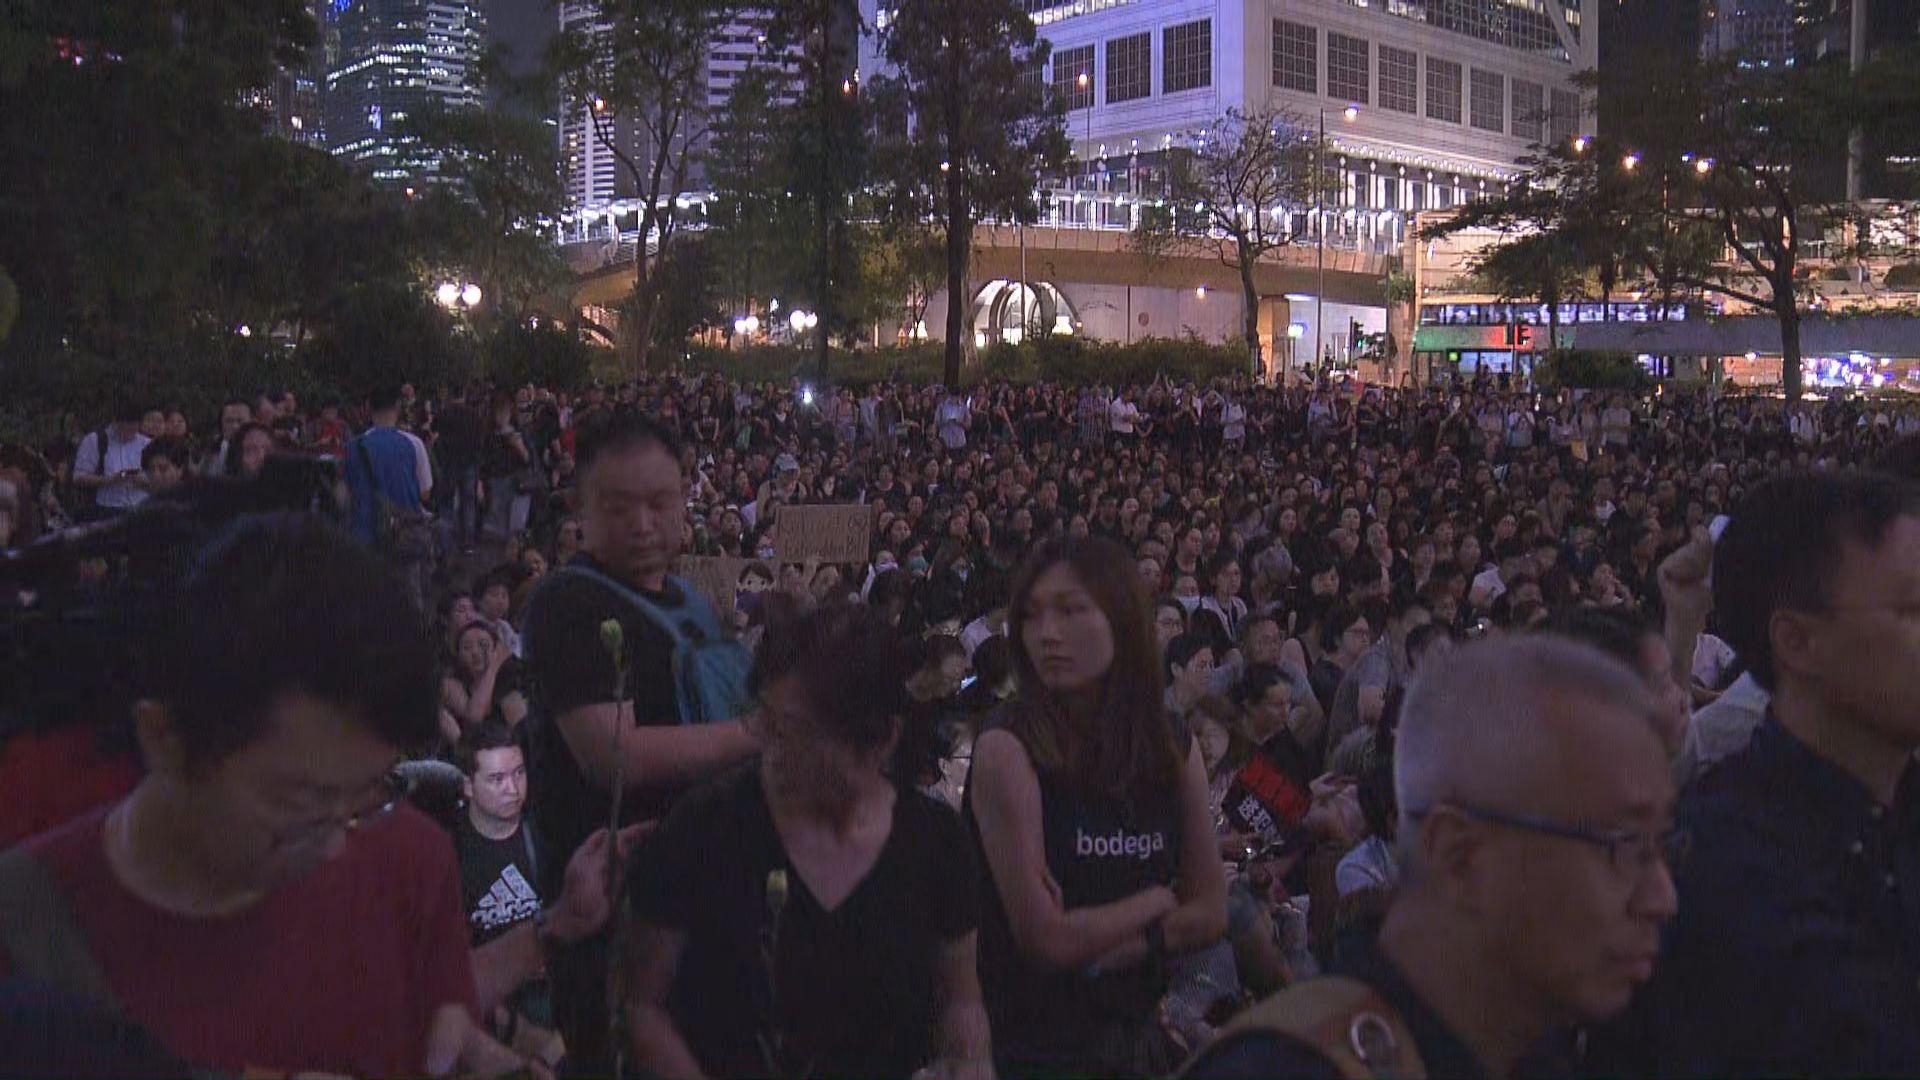 母親團體反修例集會稱六千人參與